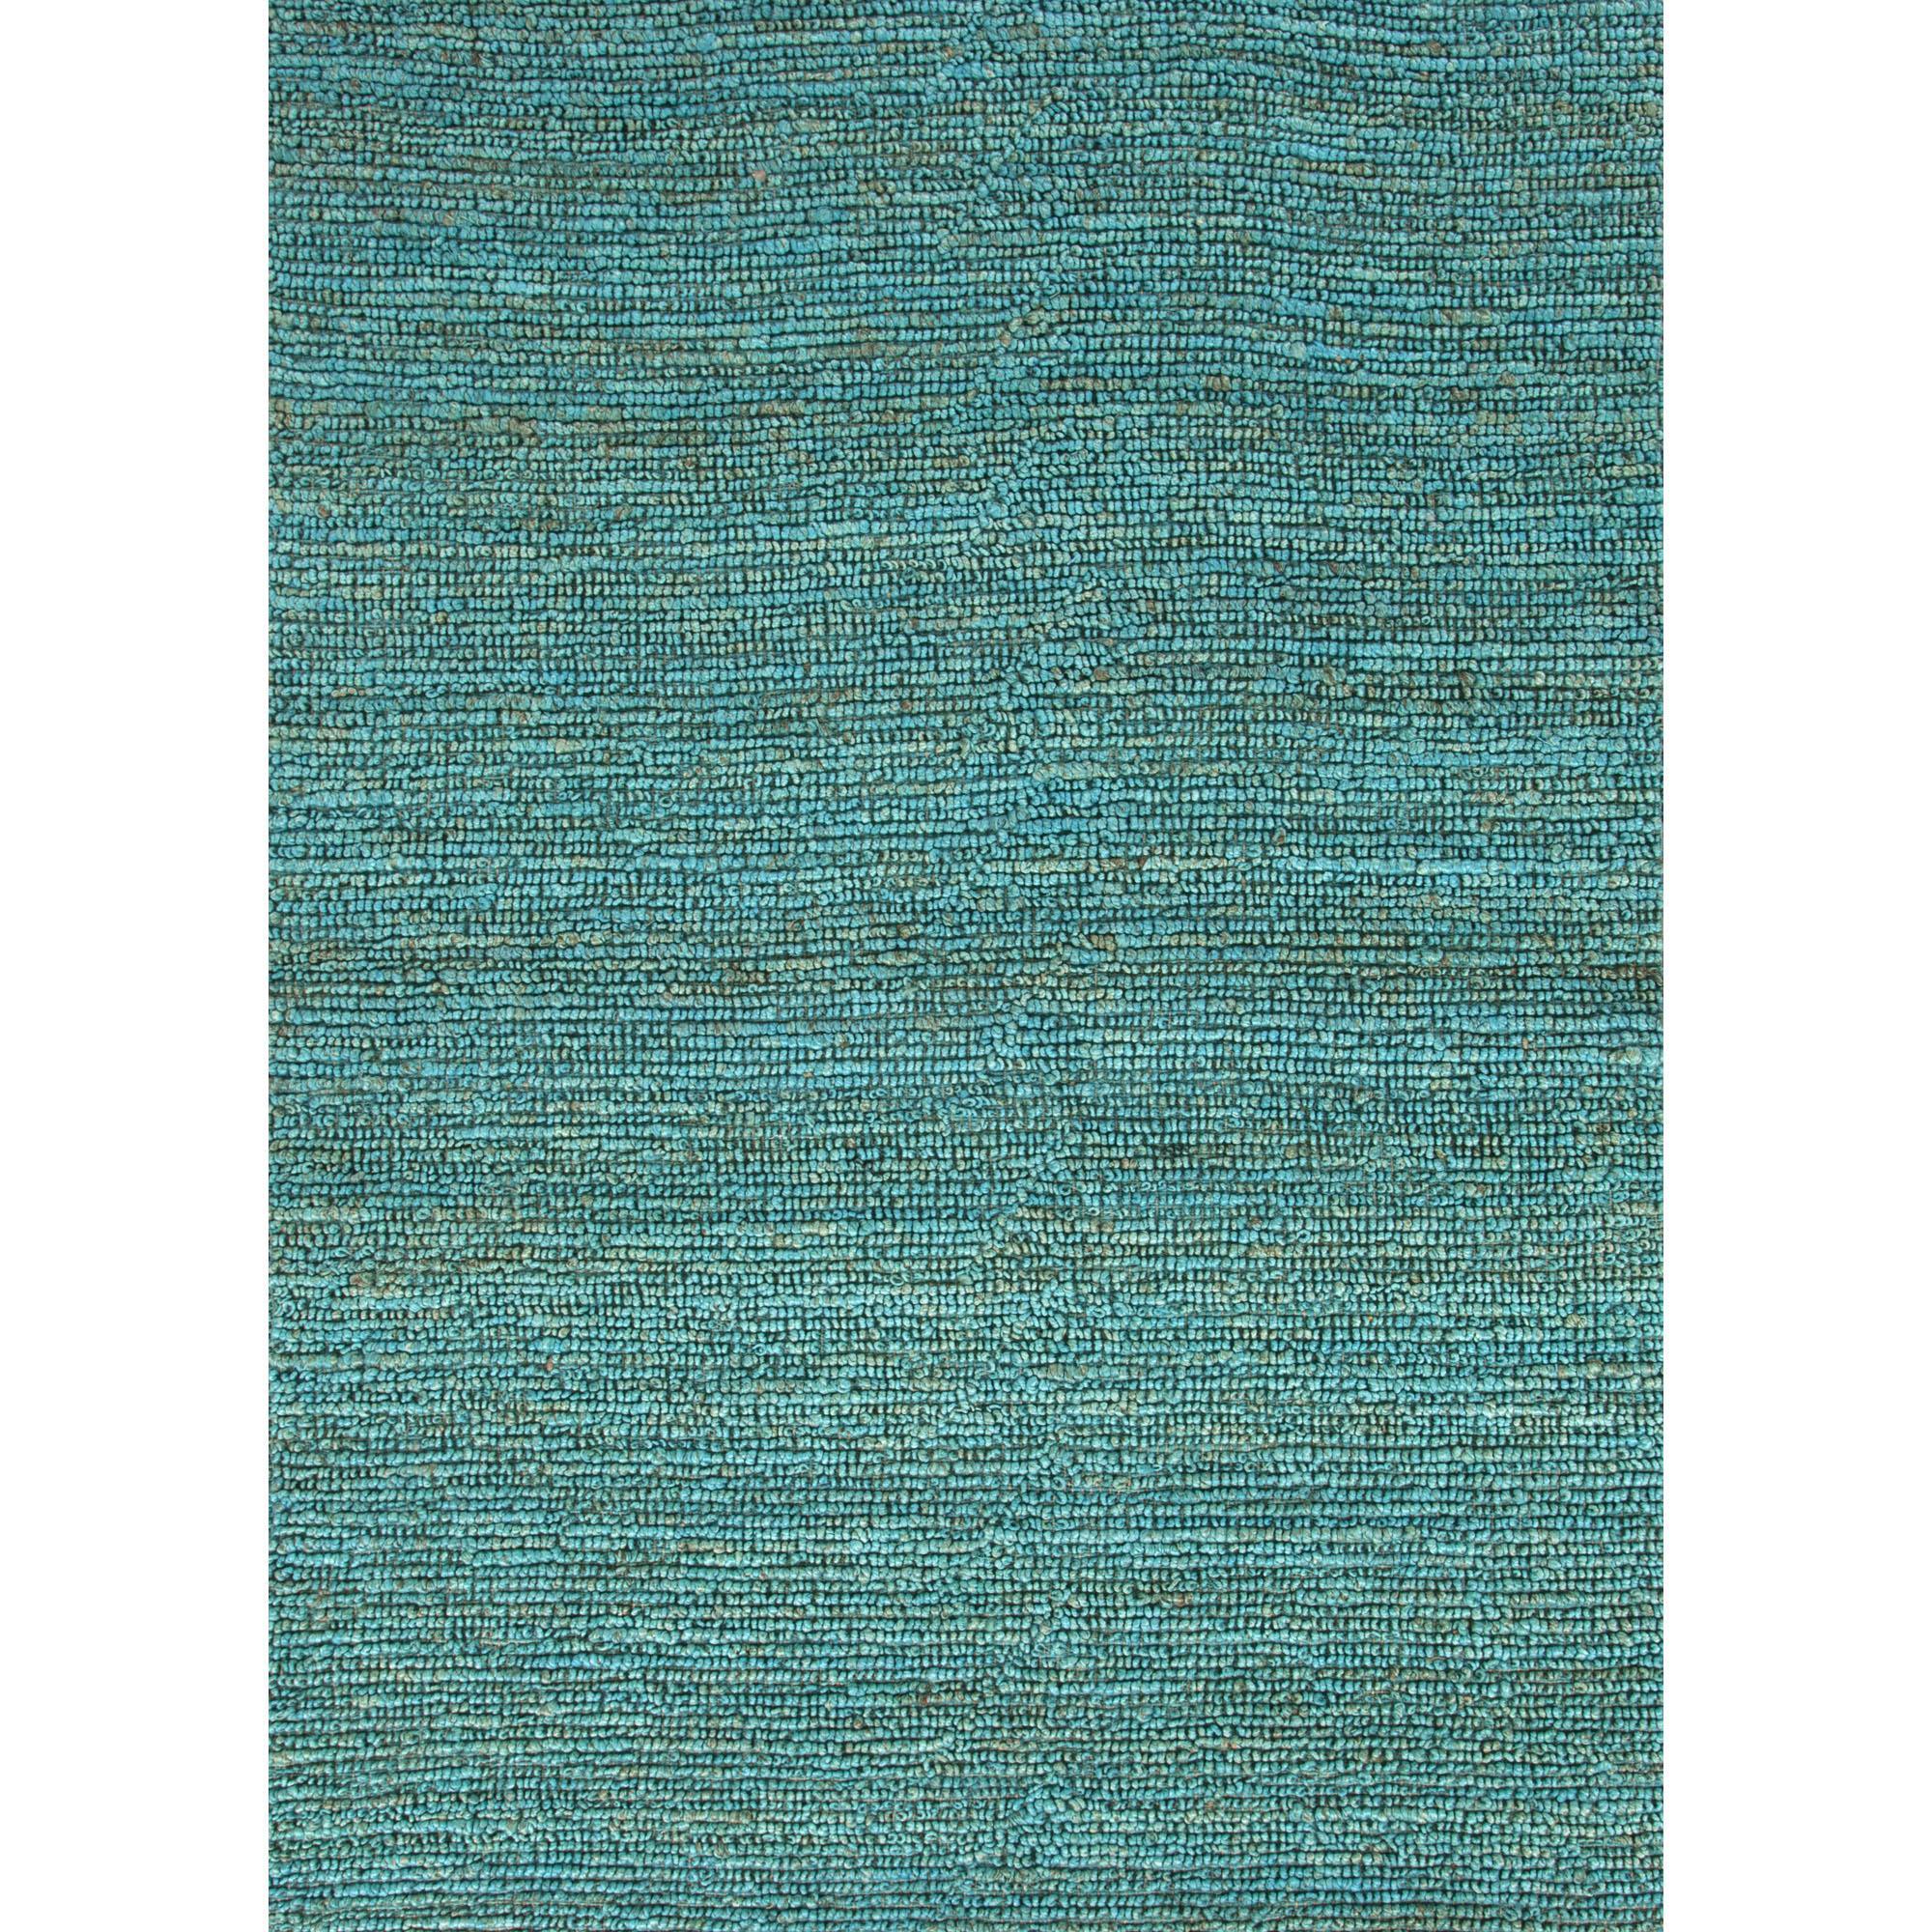 JAIPUR Rugs Calypso 3.6 x 5.6 Rug - Item Number: RUG101200